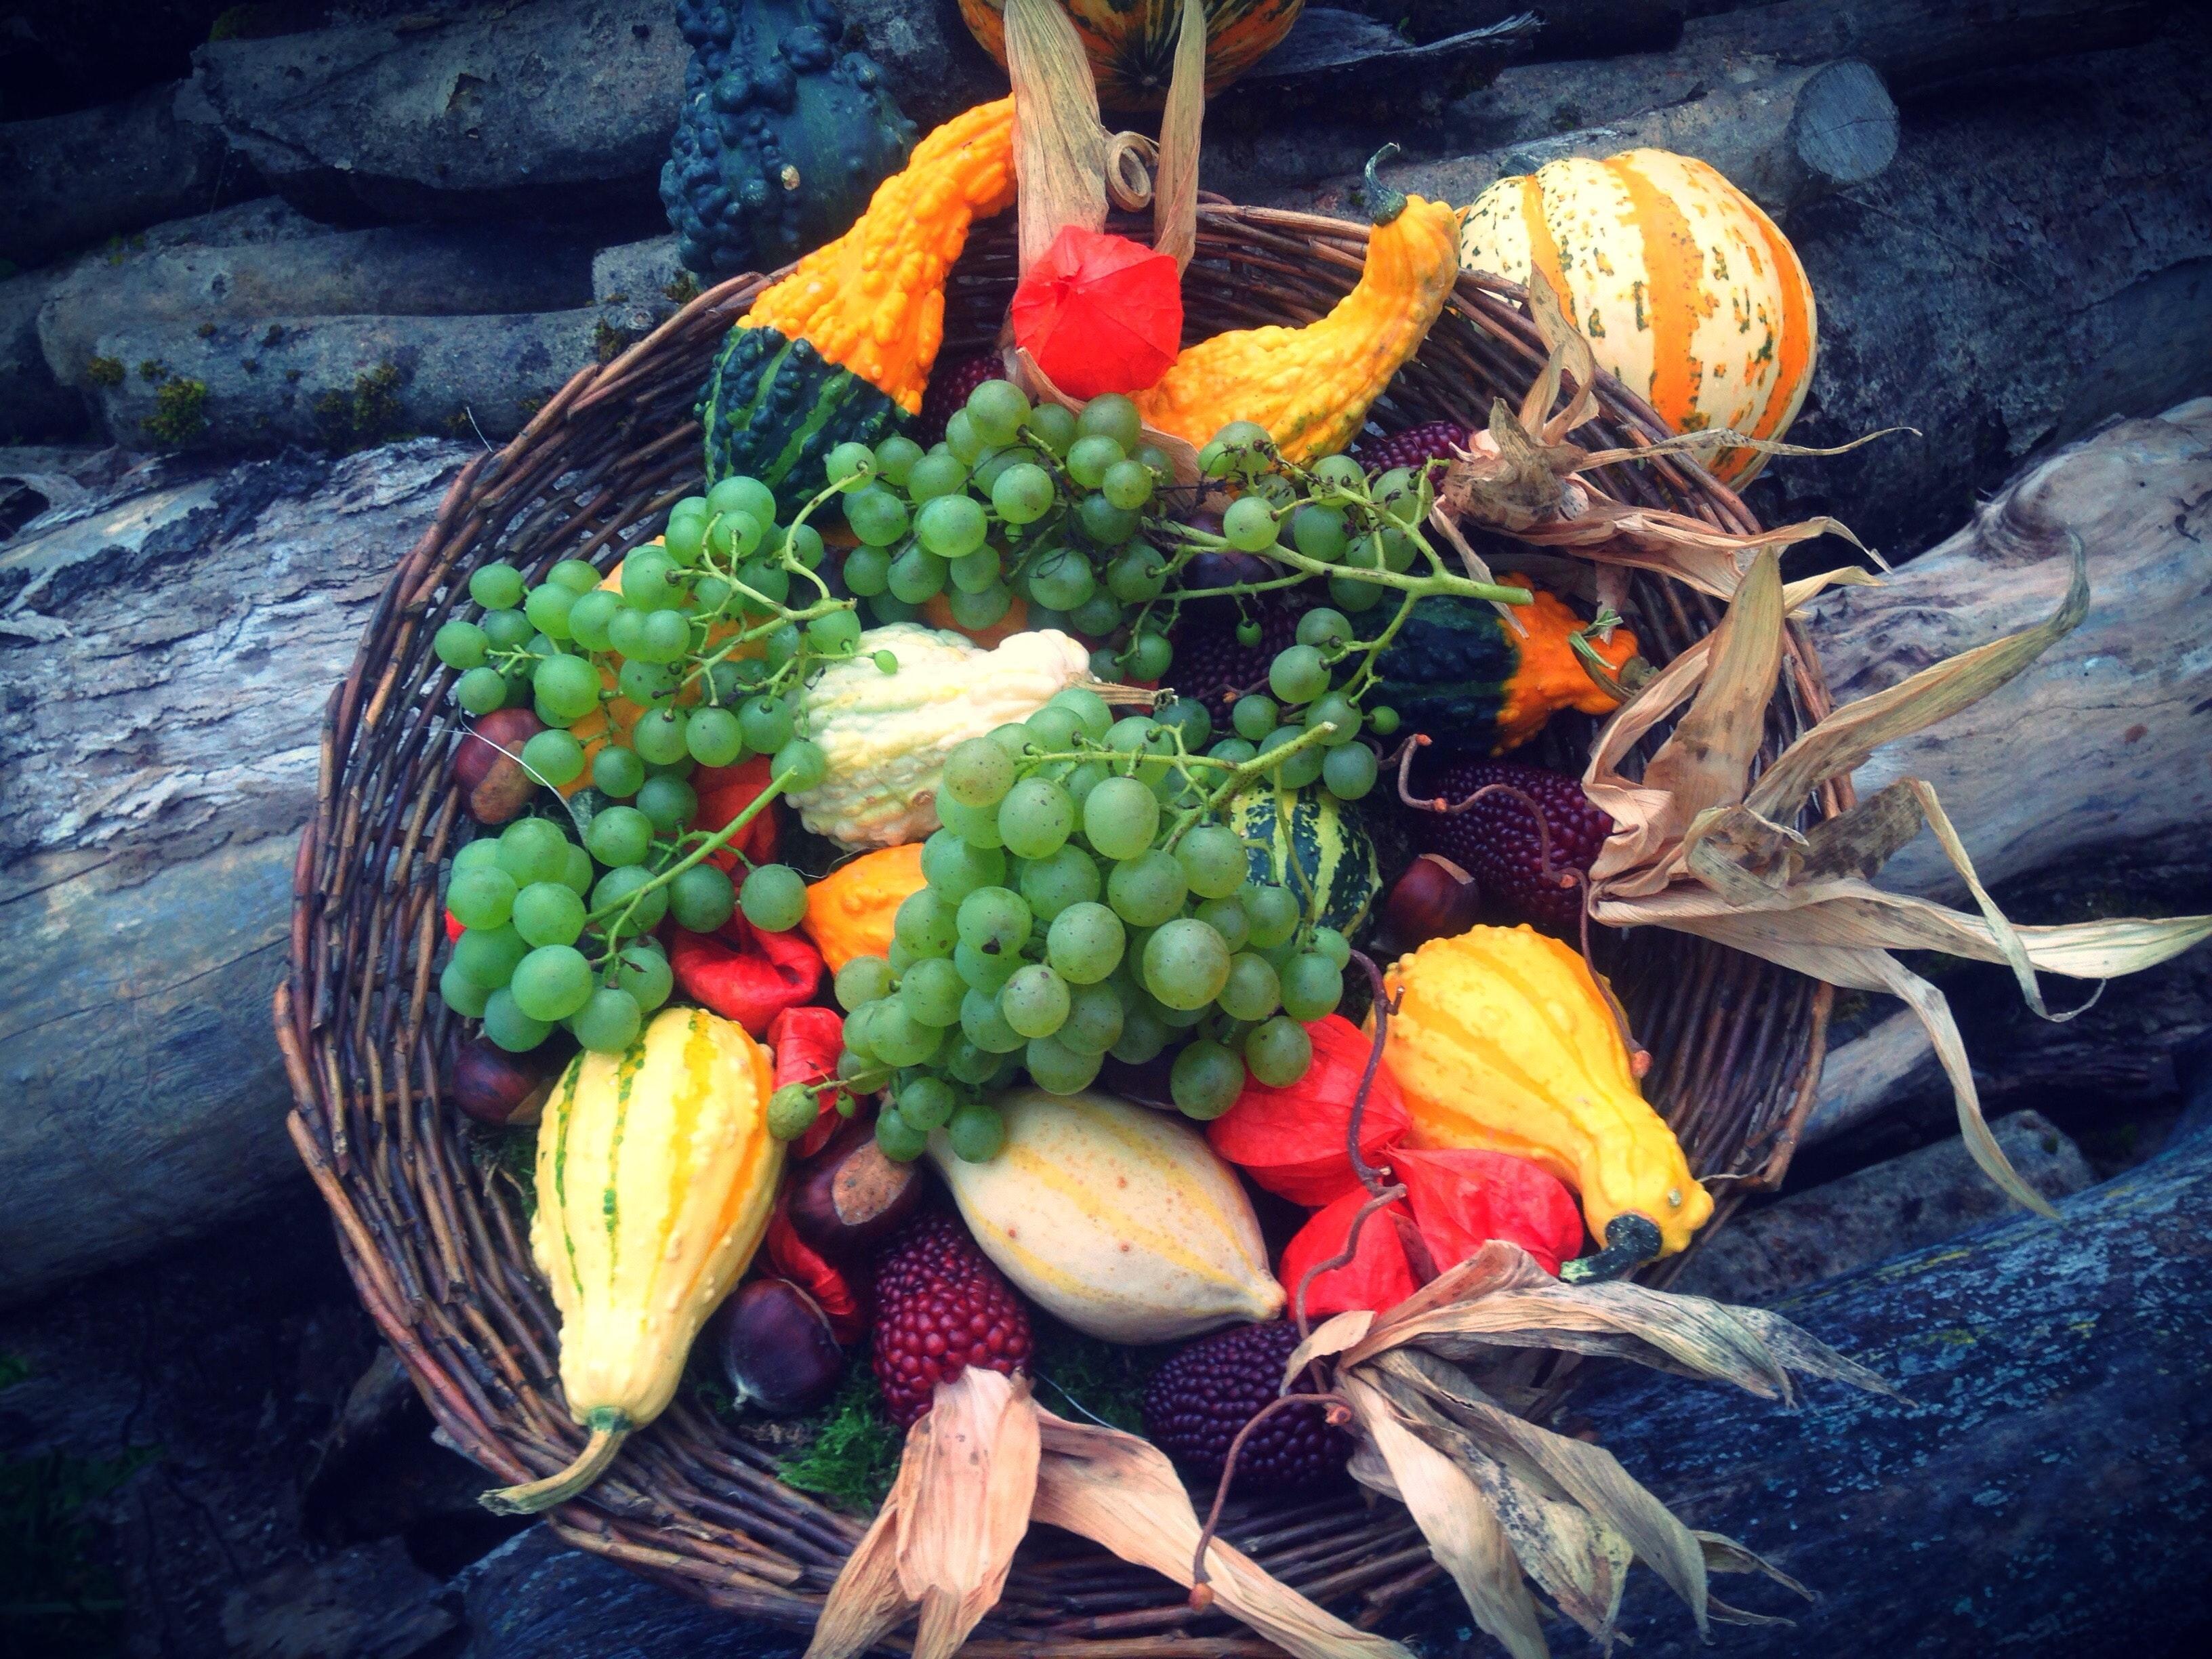 abundance-agriculture-autumn-decoration-265562